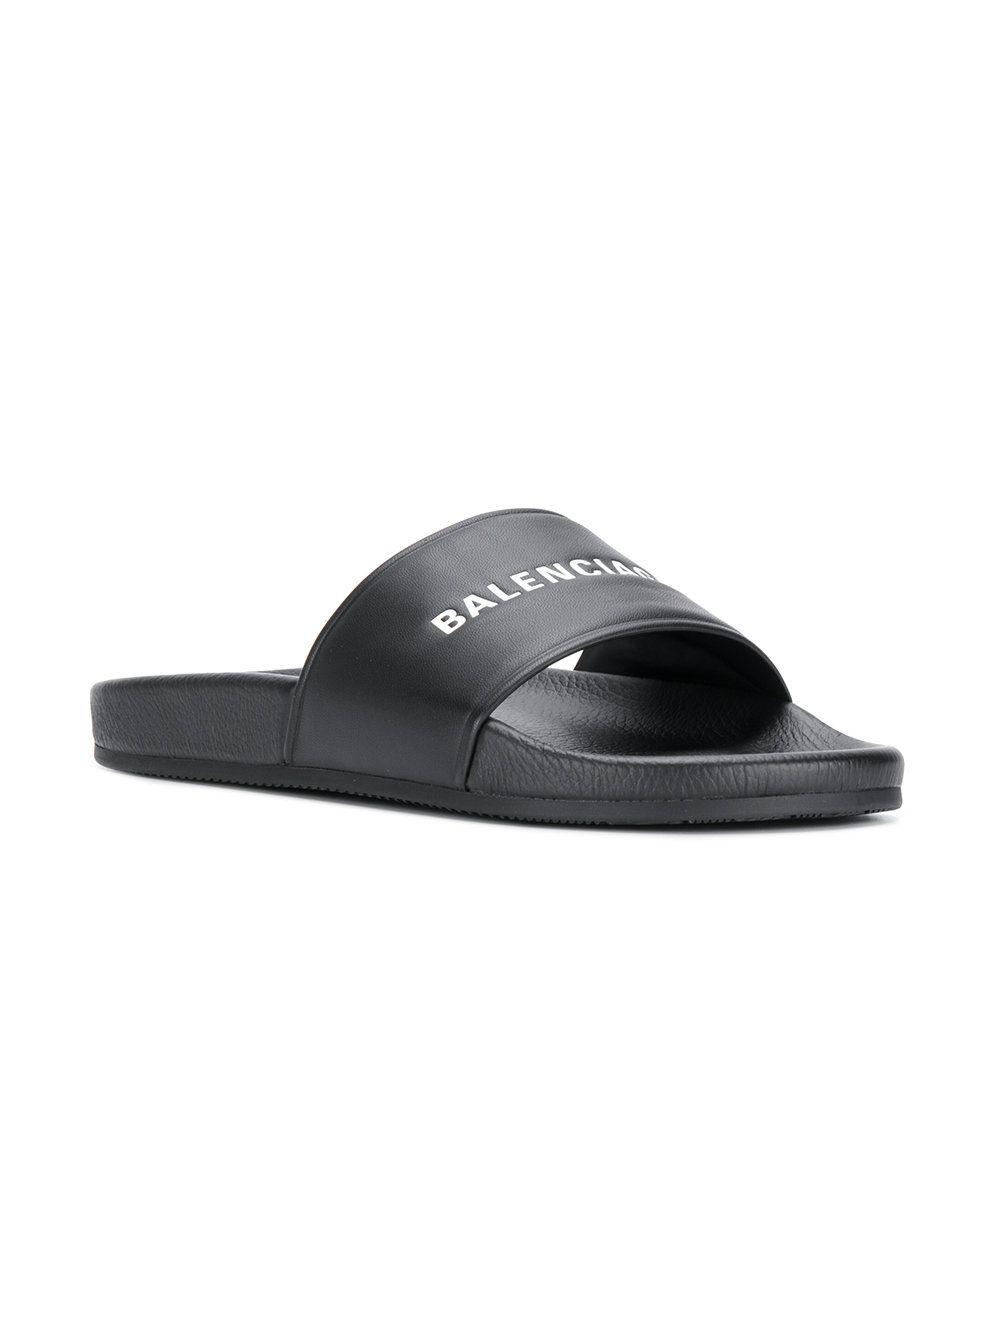 comprar nuevo a un precio razonable la mejor calidad para Balenciaga chanclas Piscine   Shoes en 2019   Chanclas ...